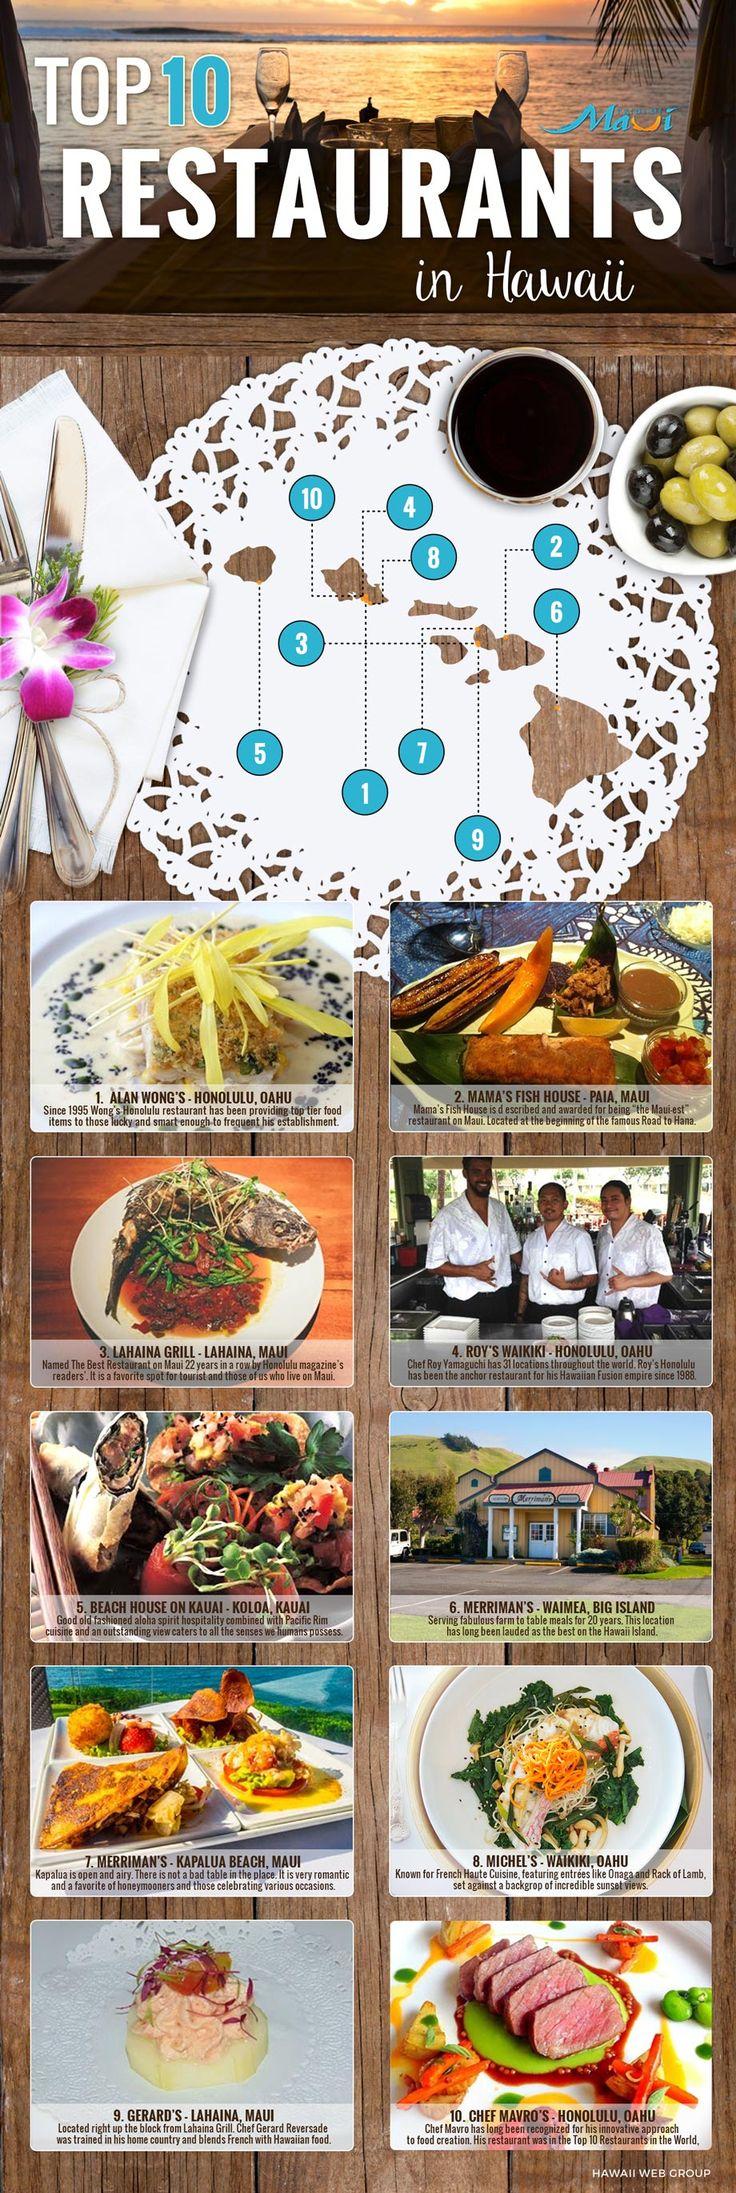 top 10 restaurants in hawaii